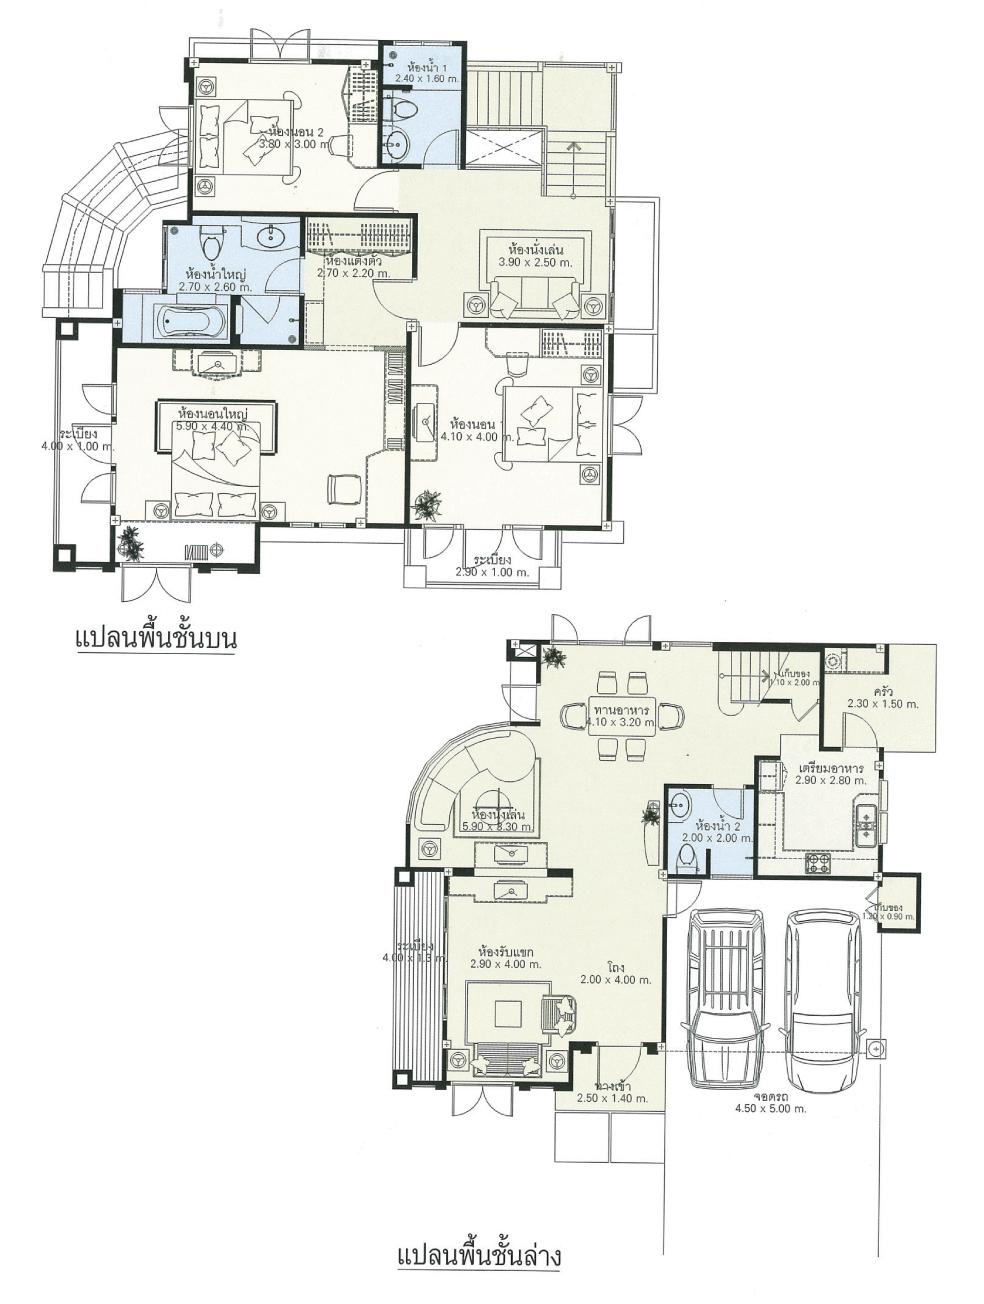 แบบบ้านสองชั้น 3 ห้องนอน 3 ห้องน้ำ 223 ตร.ม ราคา 2.23ล้าน (คทาทอง)